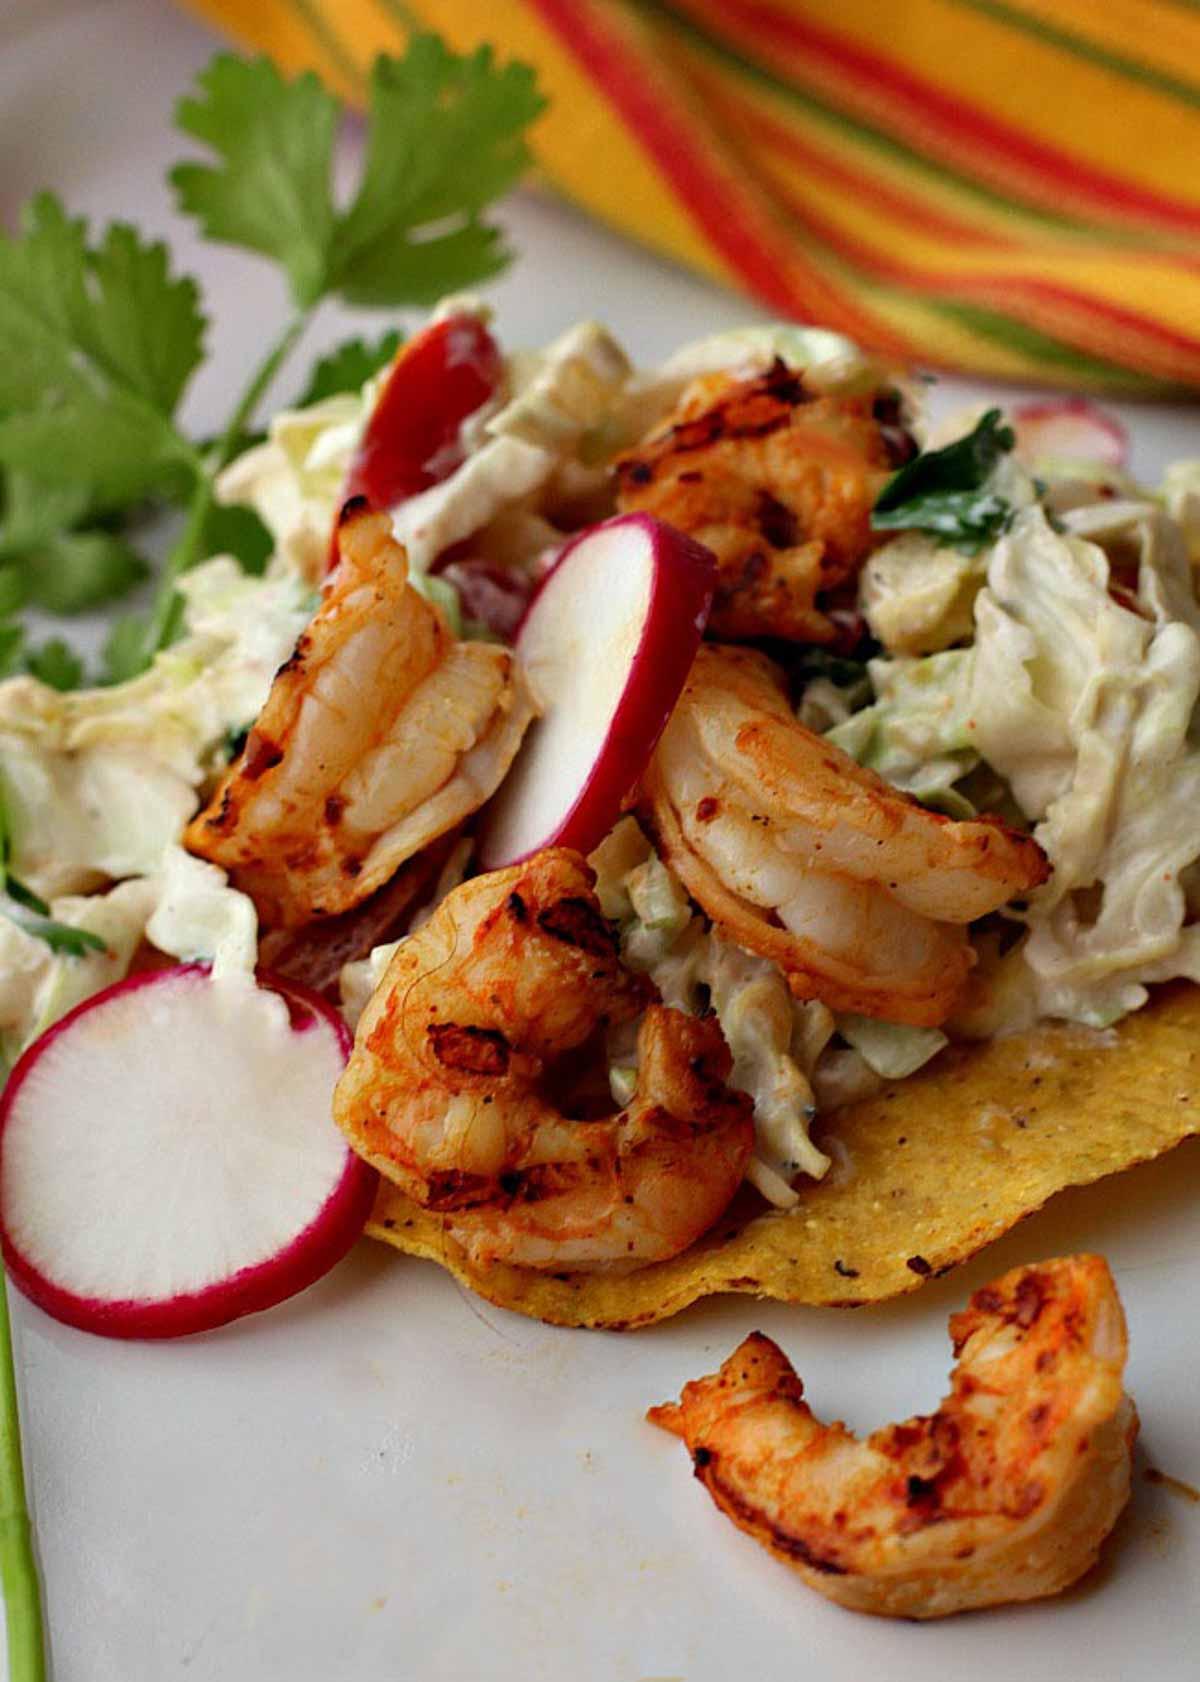 grilled shrimp tostadas with cabbage slaw on a crisp corn tortilla